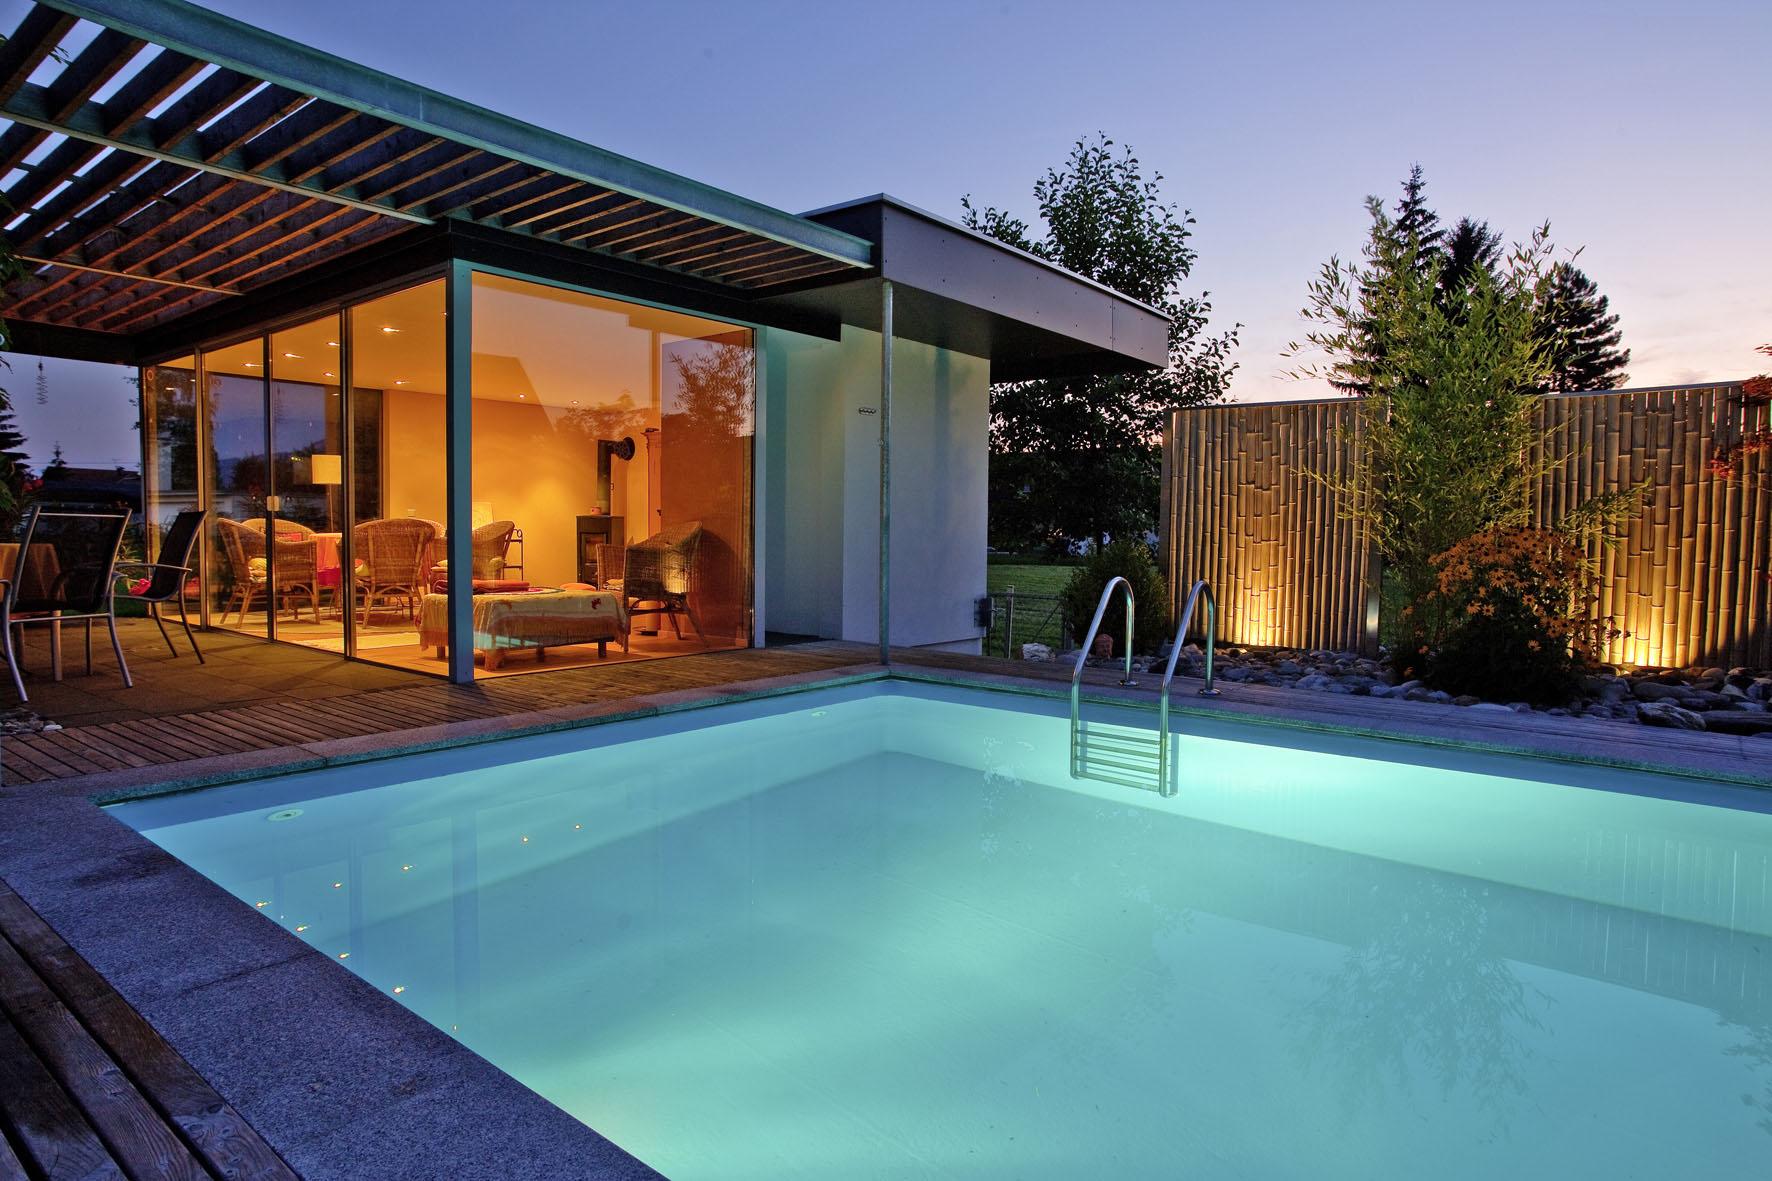 Beleuchteter Pool am Abend - Gestaltungstipps für Poolbesitzer